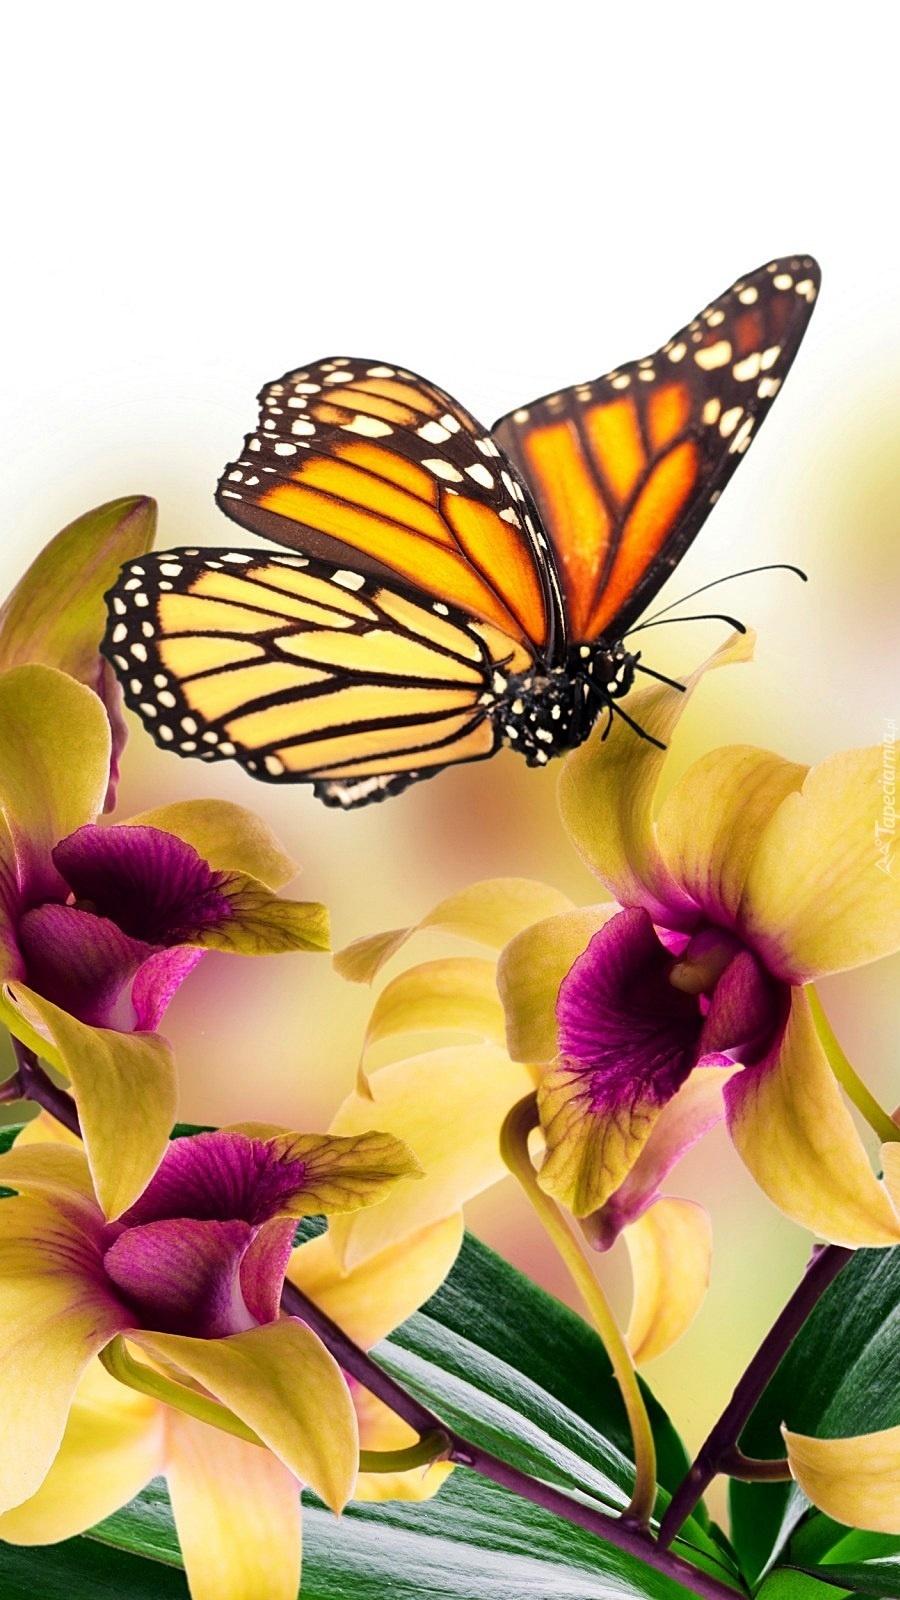 Motyl przysiadł na storczyku